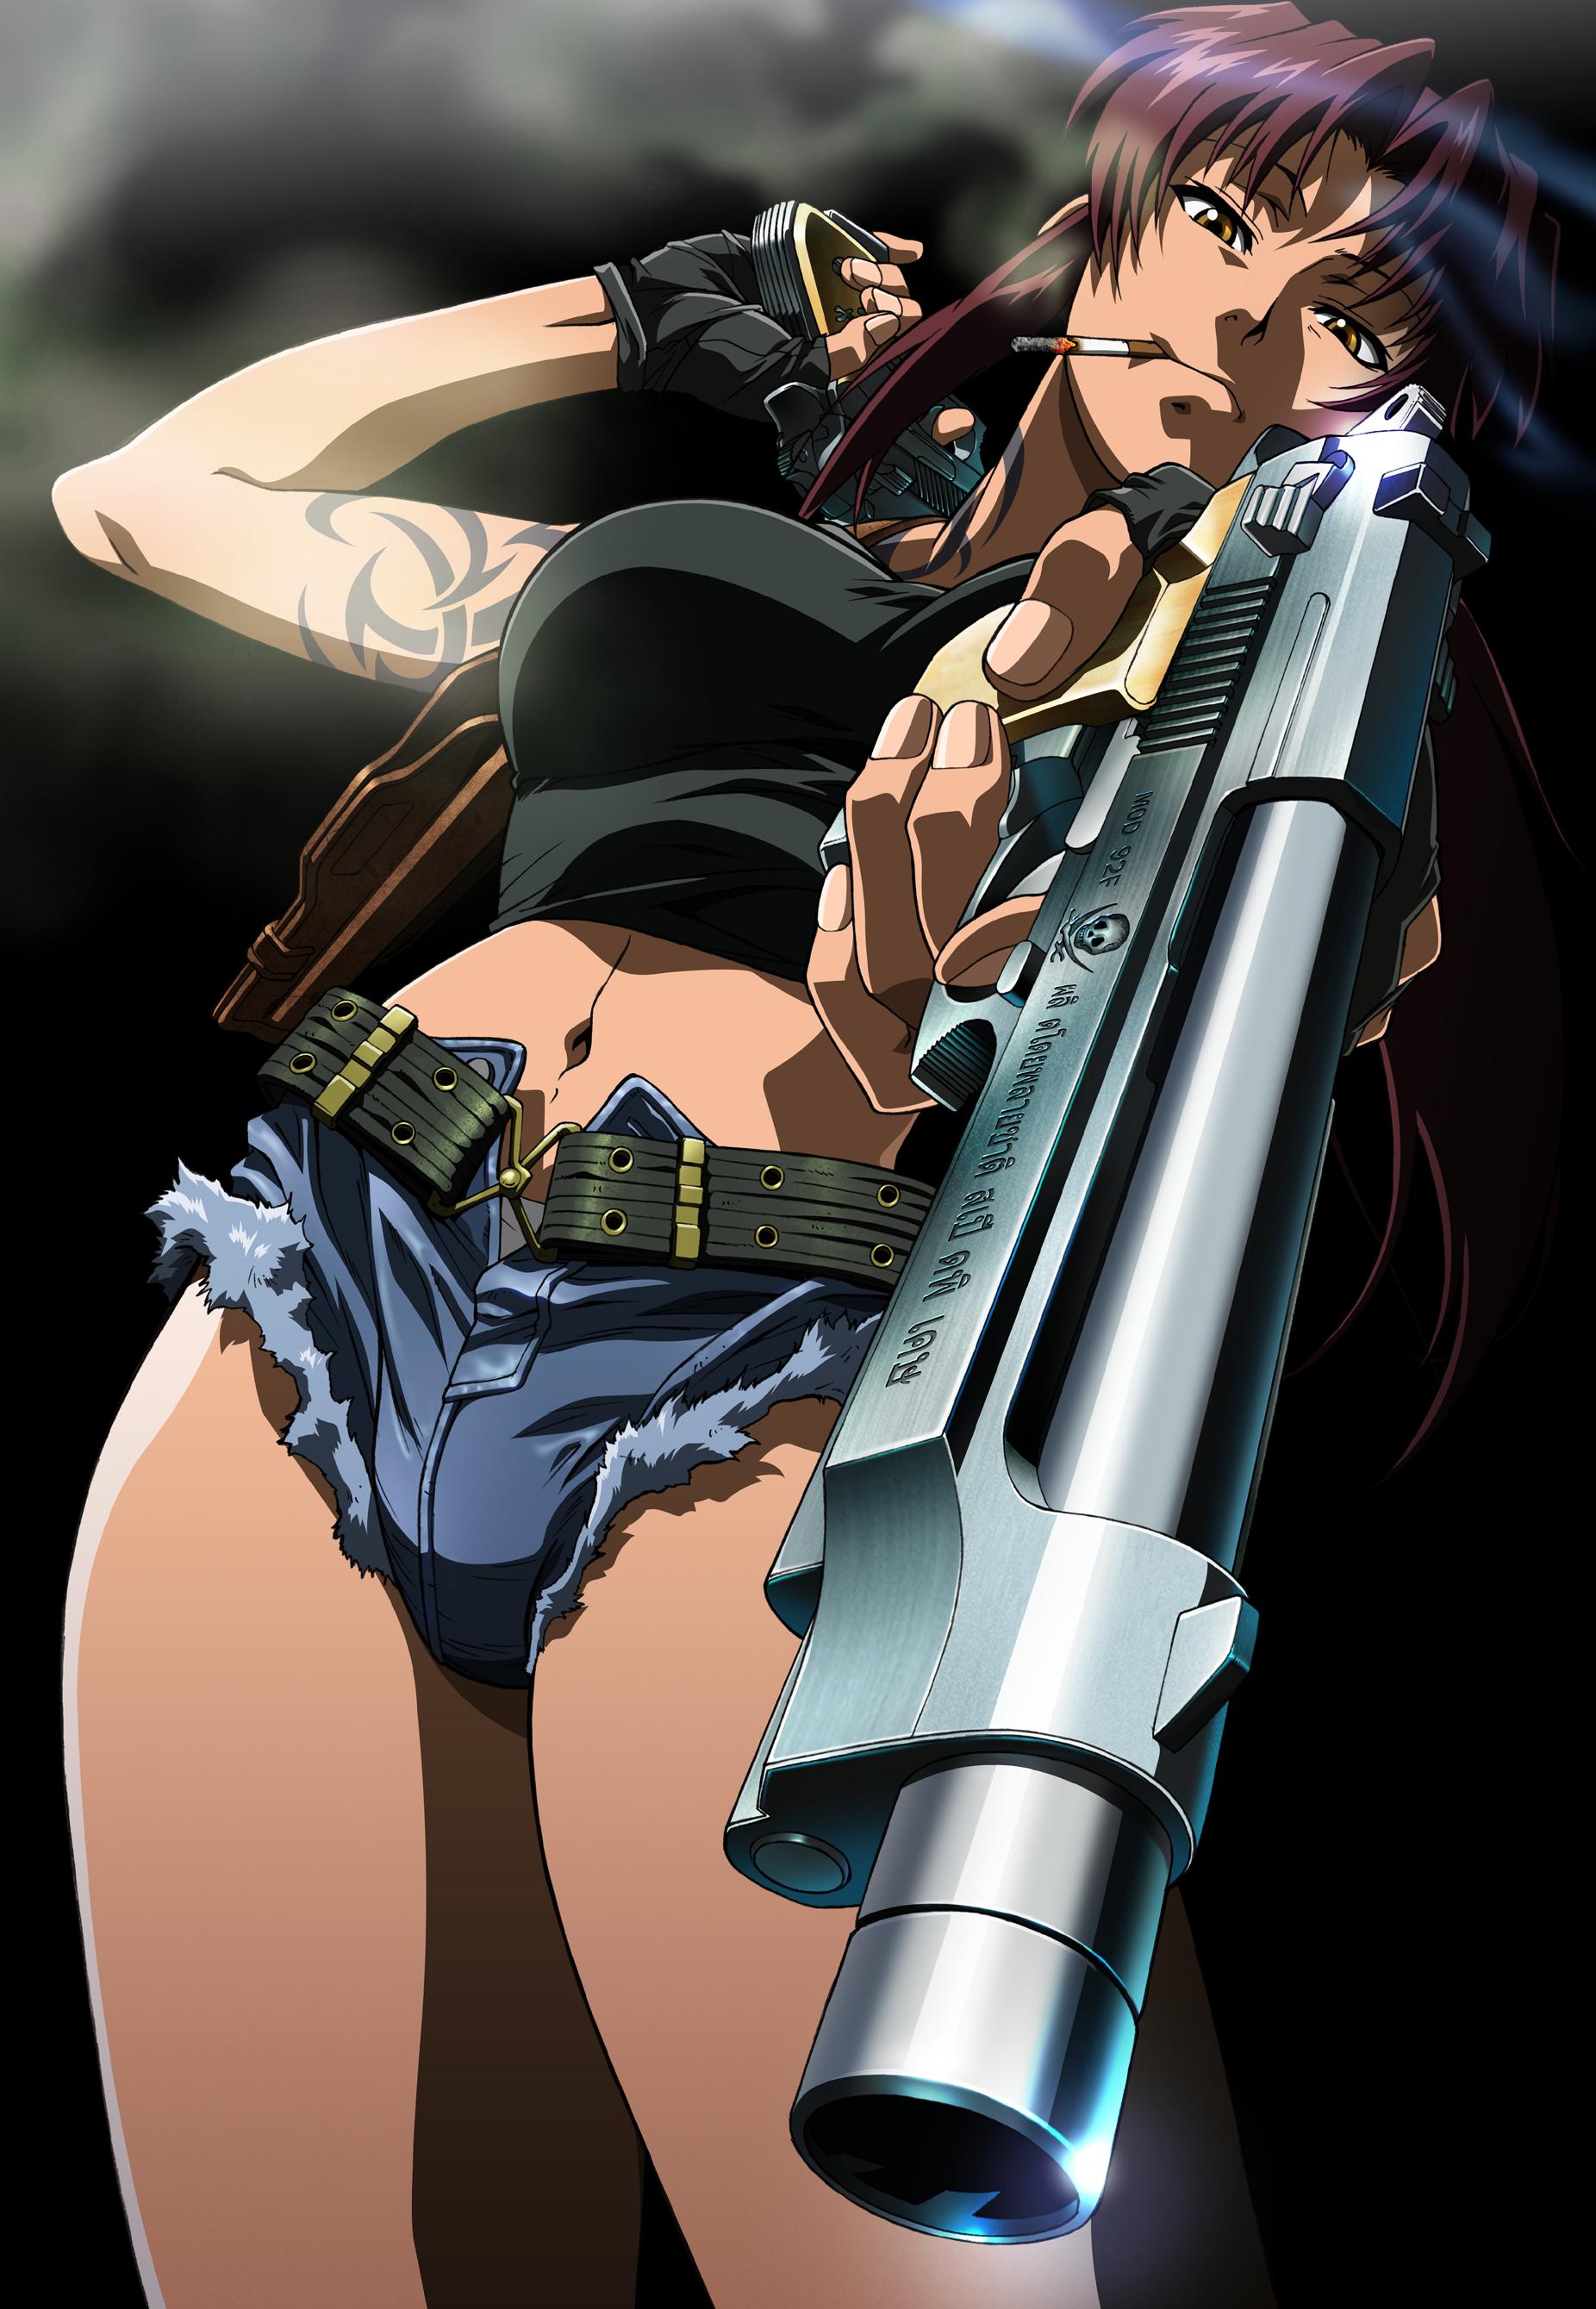 Revy là một trong những nhân vật anime nữ mạnh nhất và cũng tàn nhẫn nhất